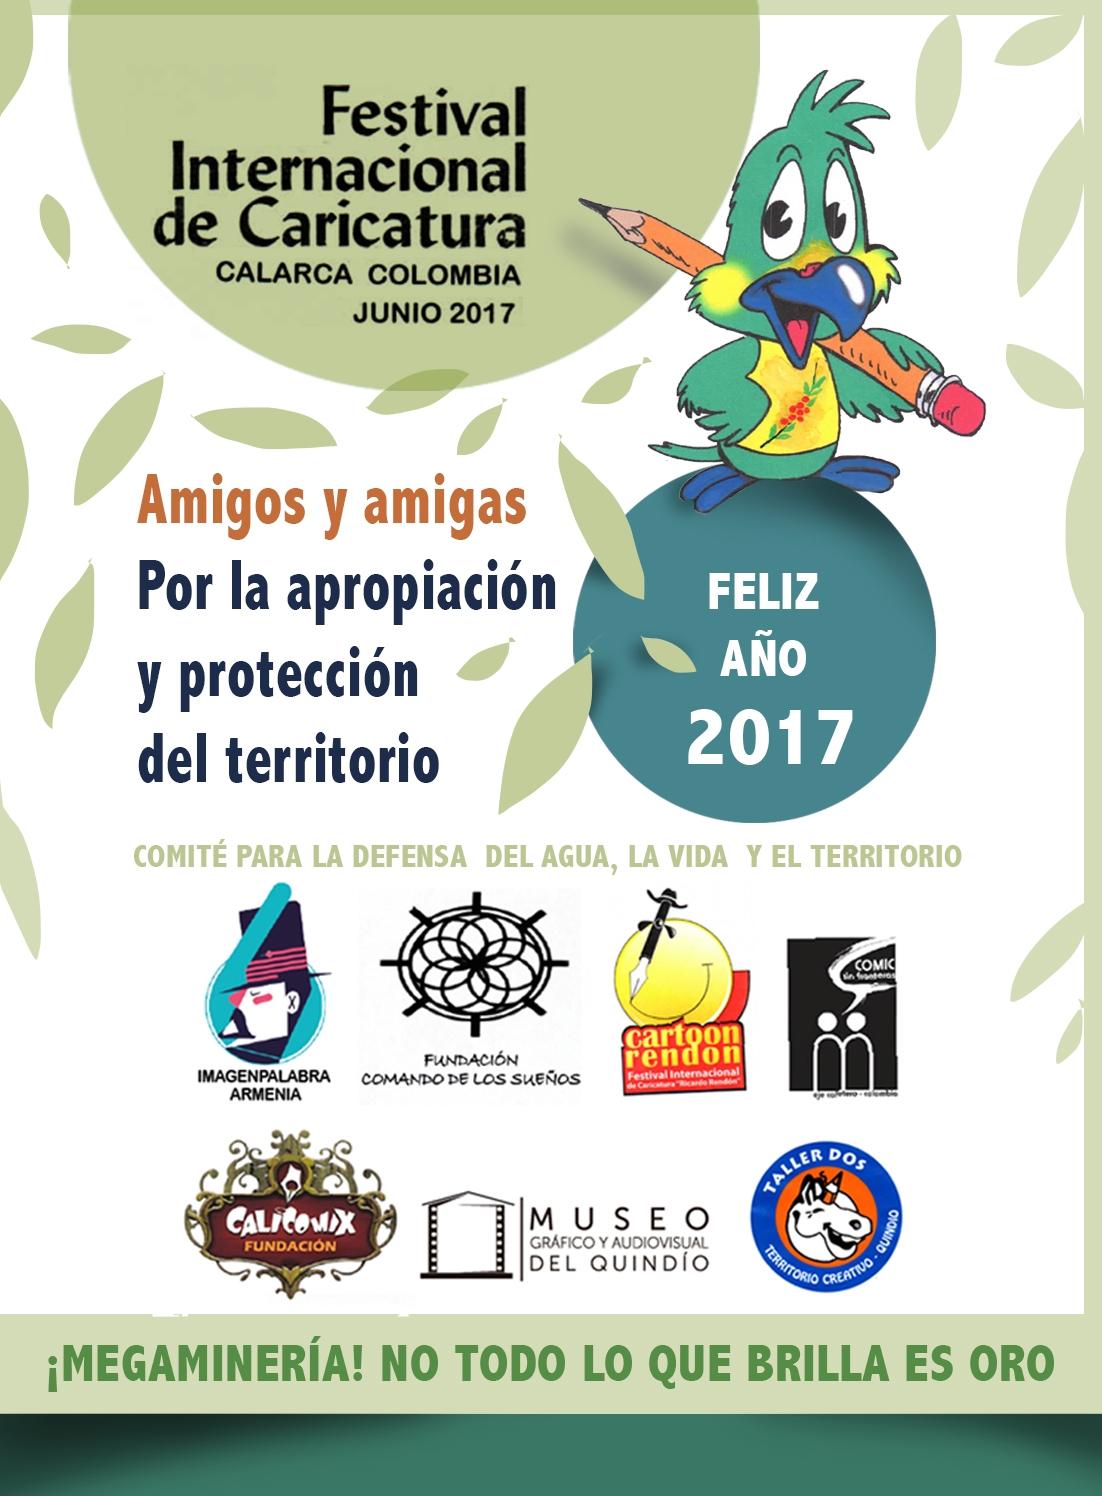 FESTIVAL INTERNACIONAL DE CARICATURA CALARCÁ, QUINDÍO